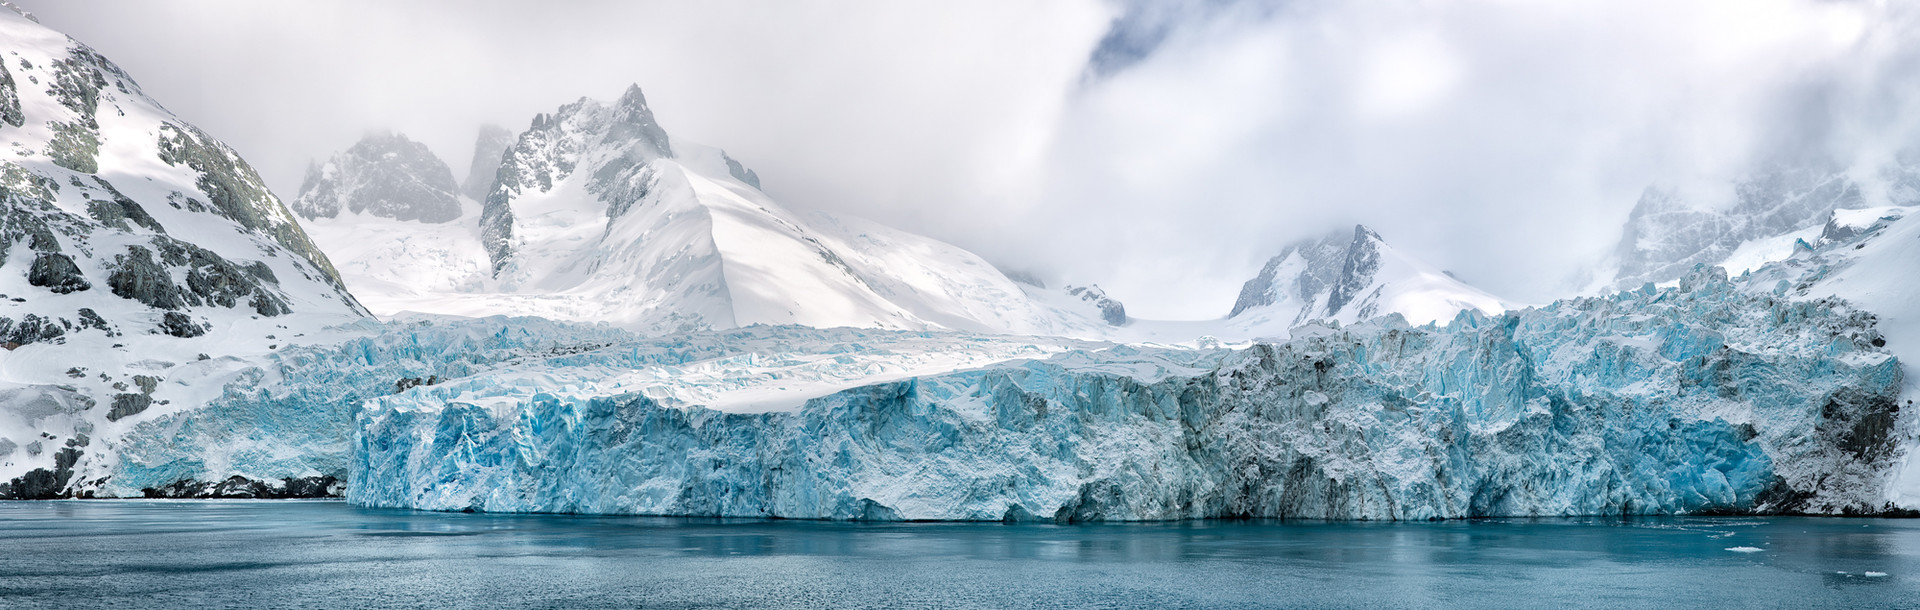 Risting Glacier, Drygalski Fjord.jpg